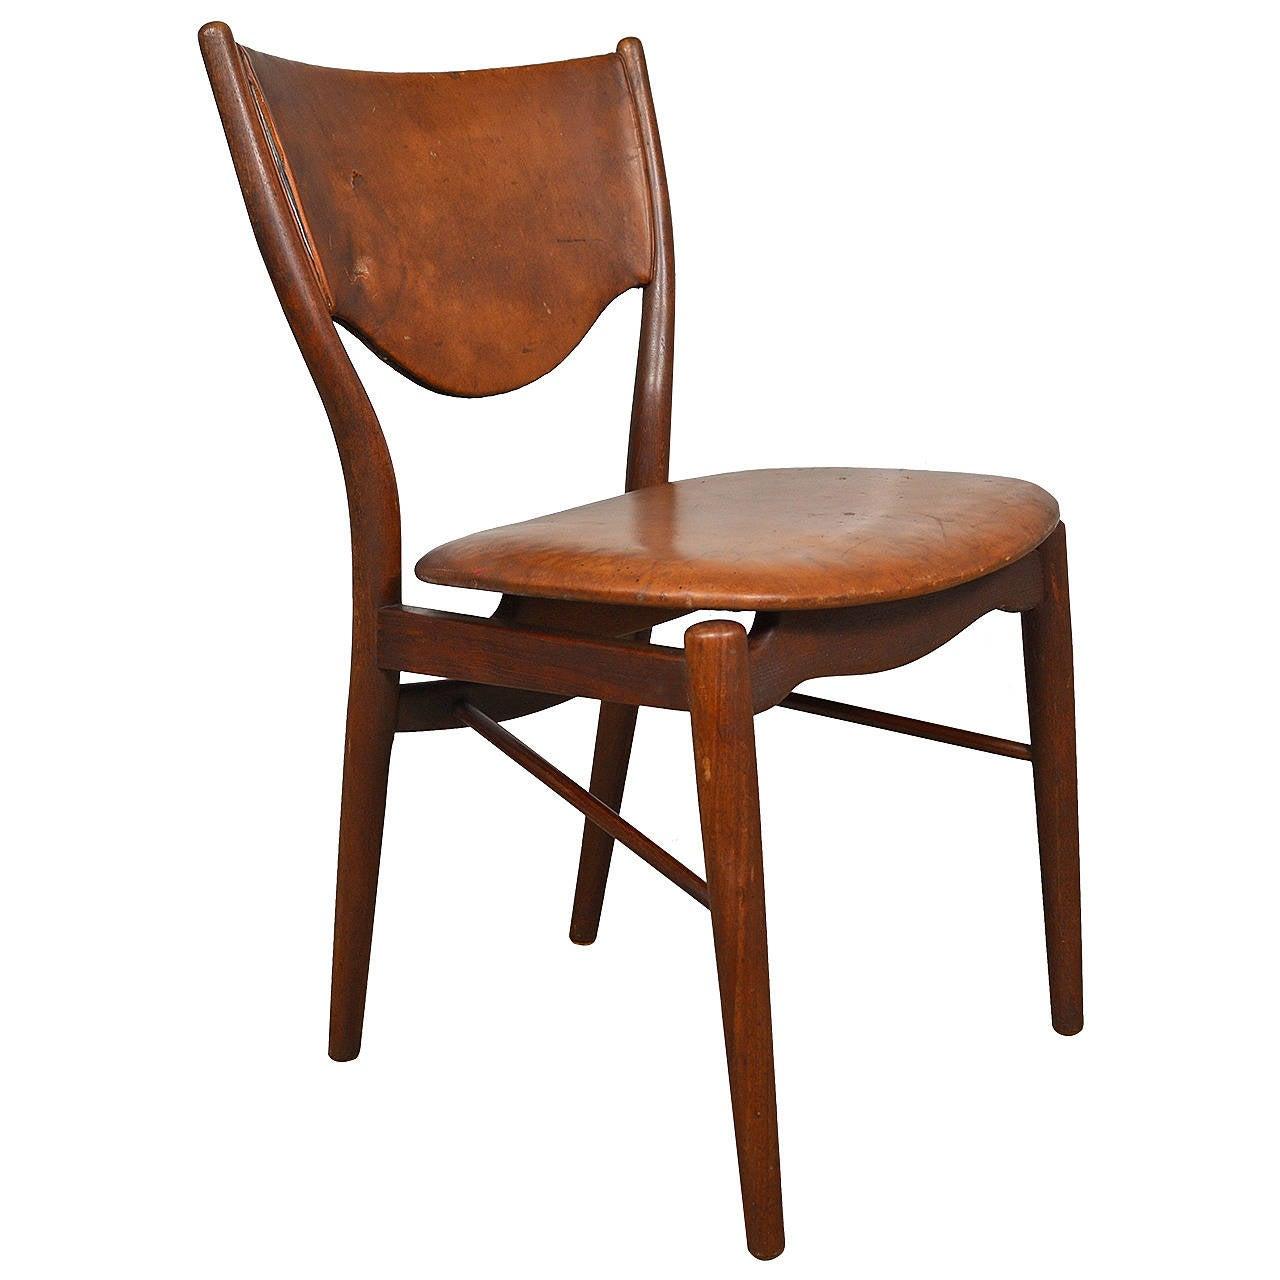 Finn juhl side chair for bovirke for sale at 1stdibs for Side chairs for sale